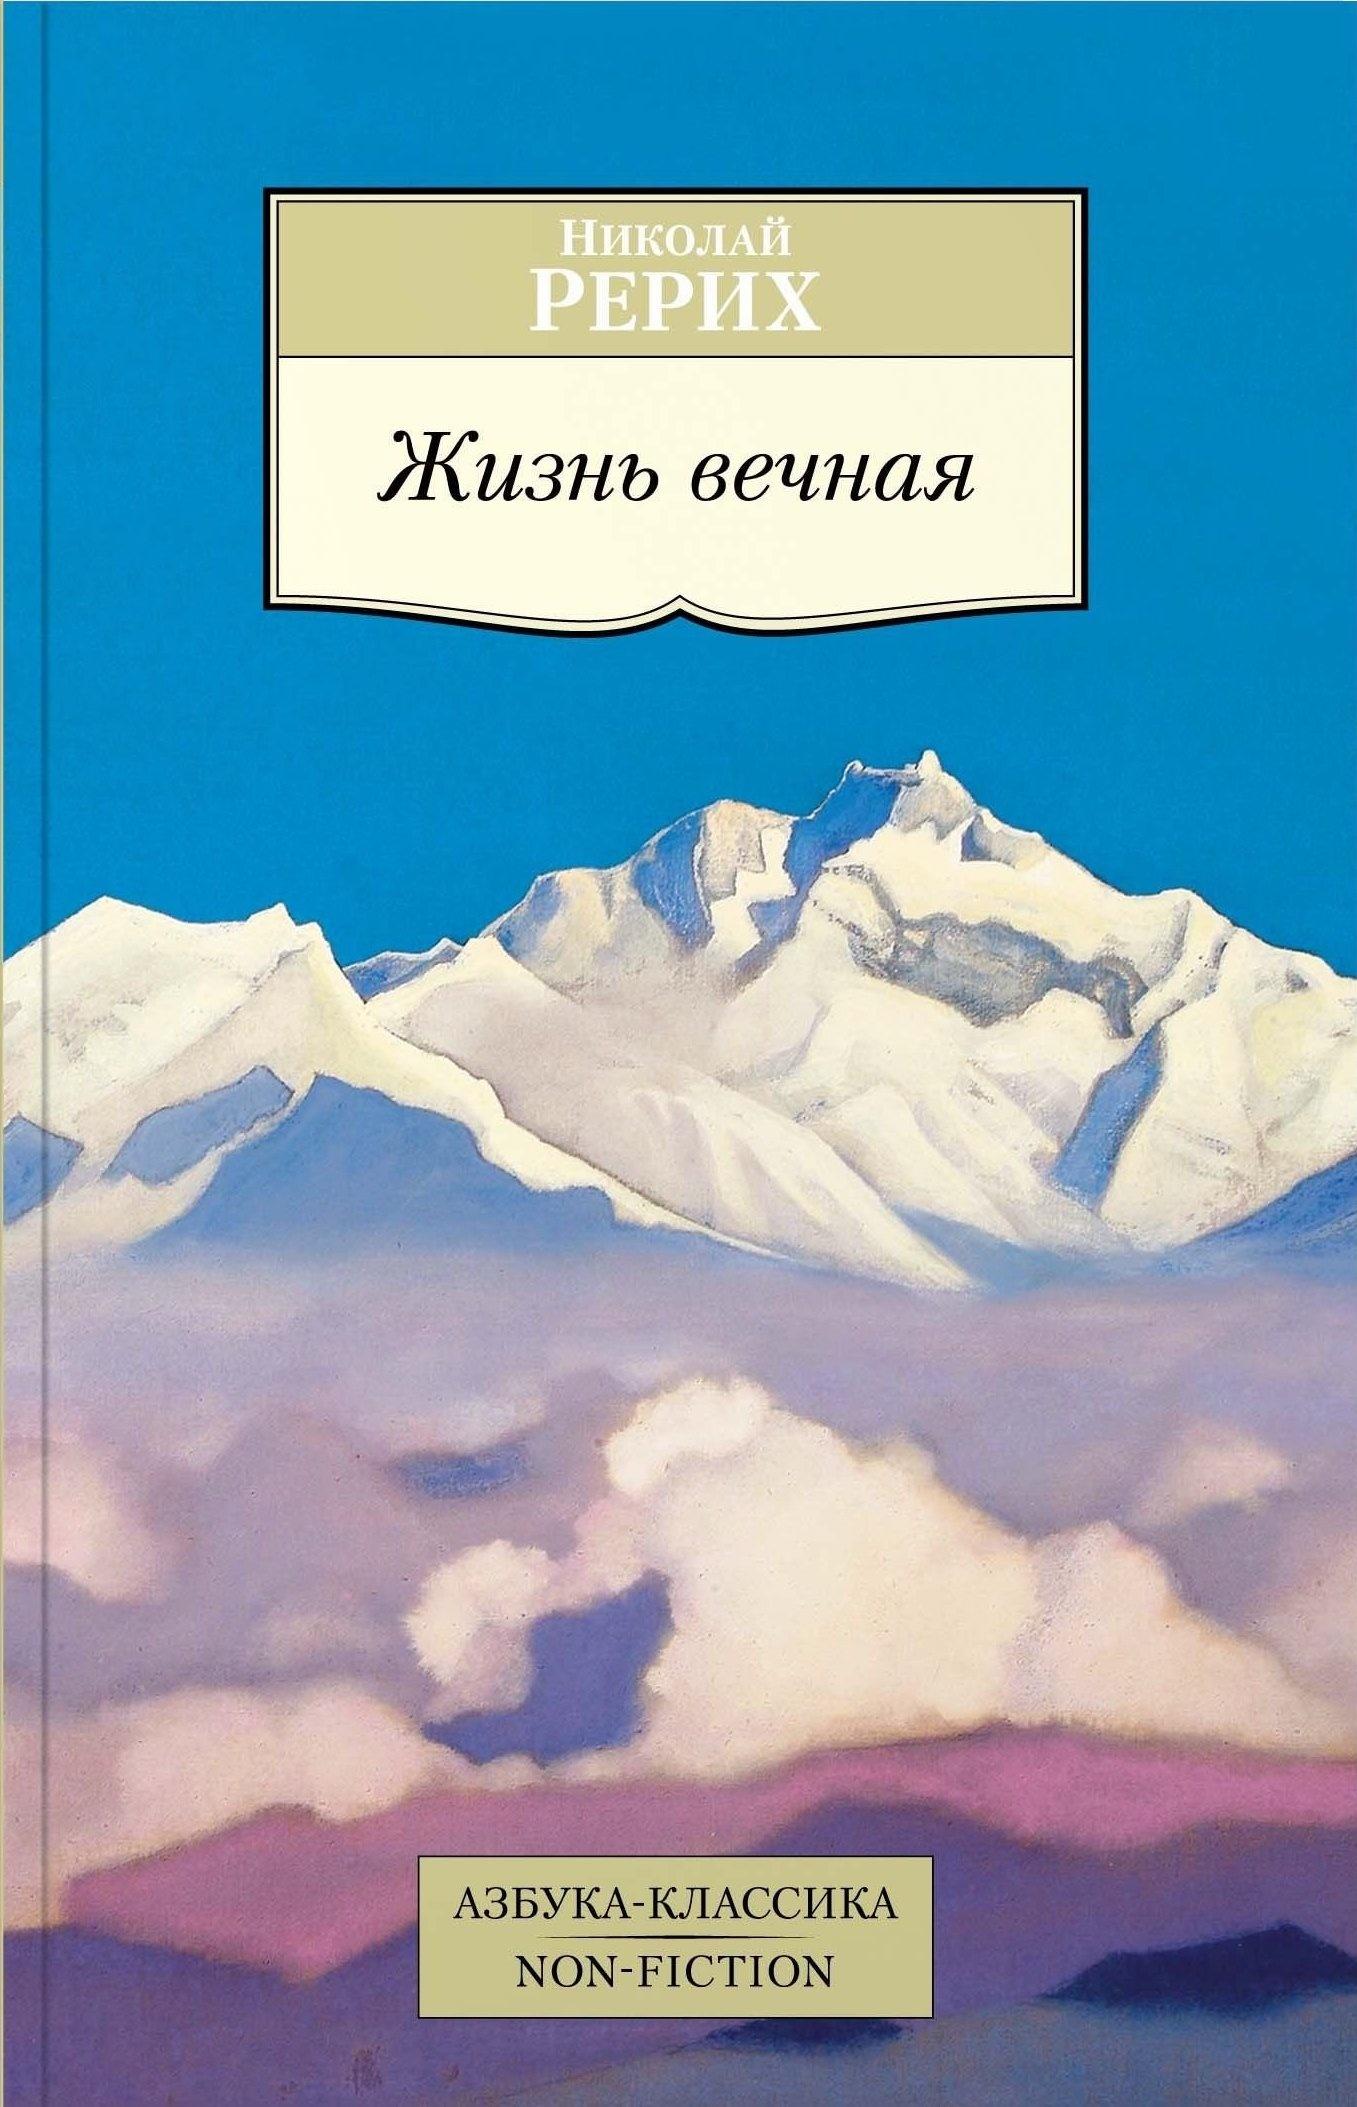 Жизнь вечная. Автор — Николай Рерих. Переплет —